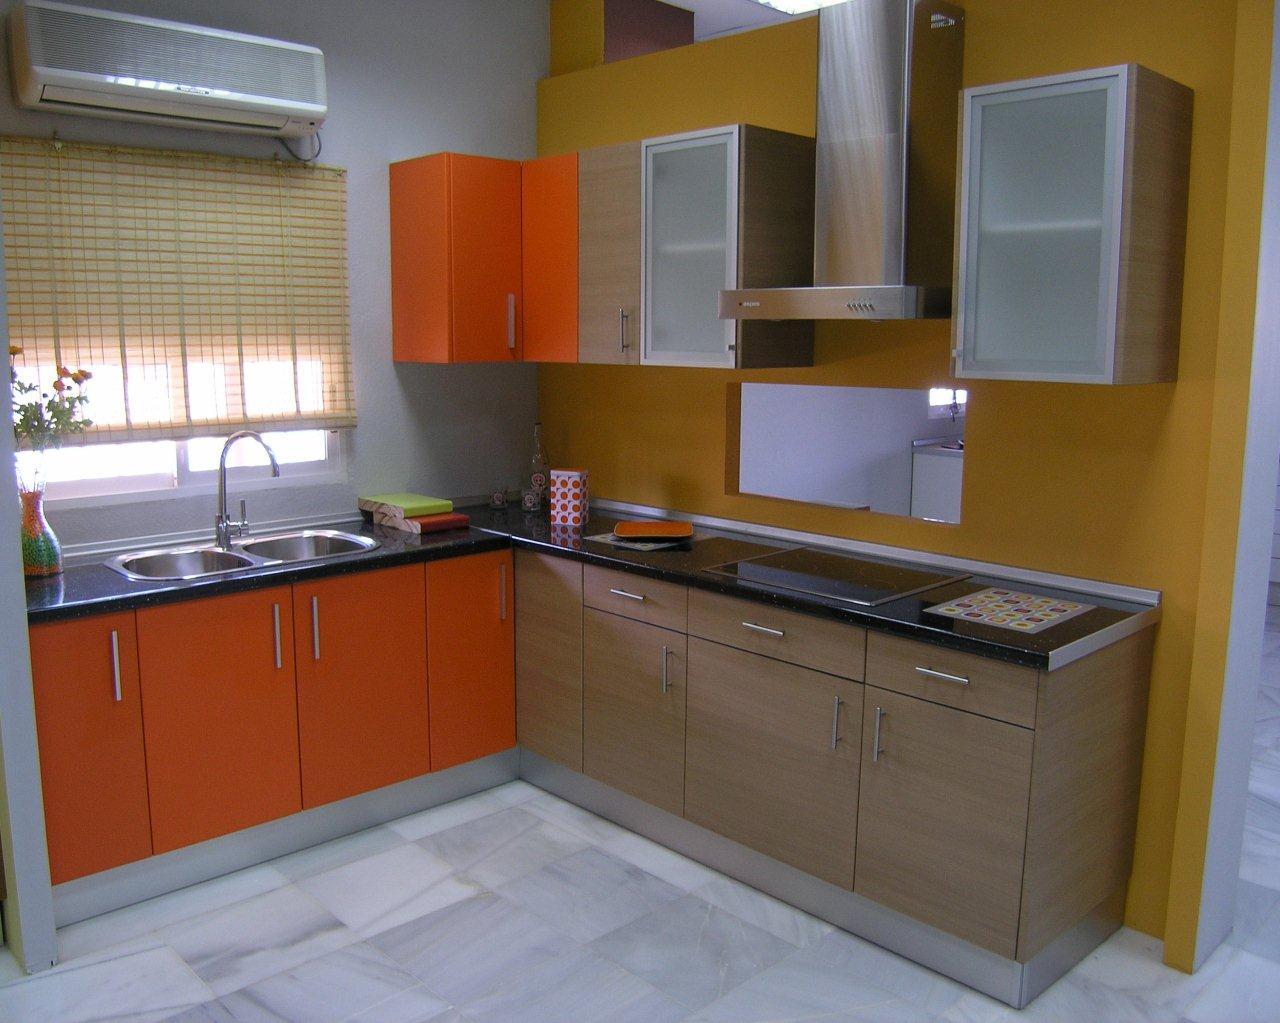 Dise os de cocinas sencillas casa dise o casa dise o for Cocinas sencillas